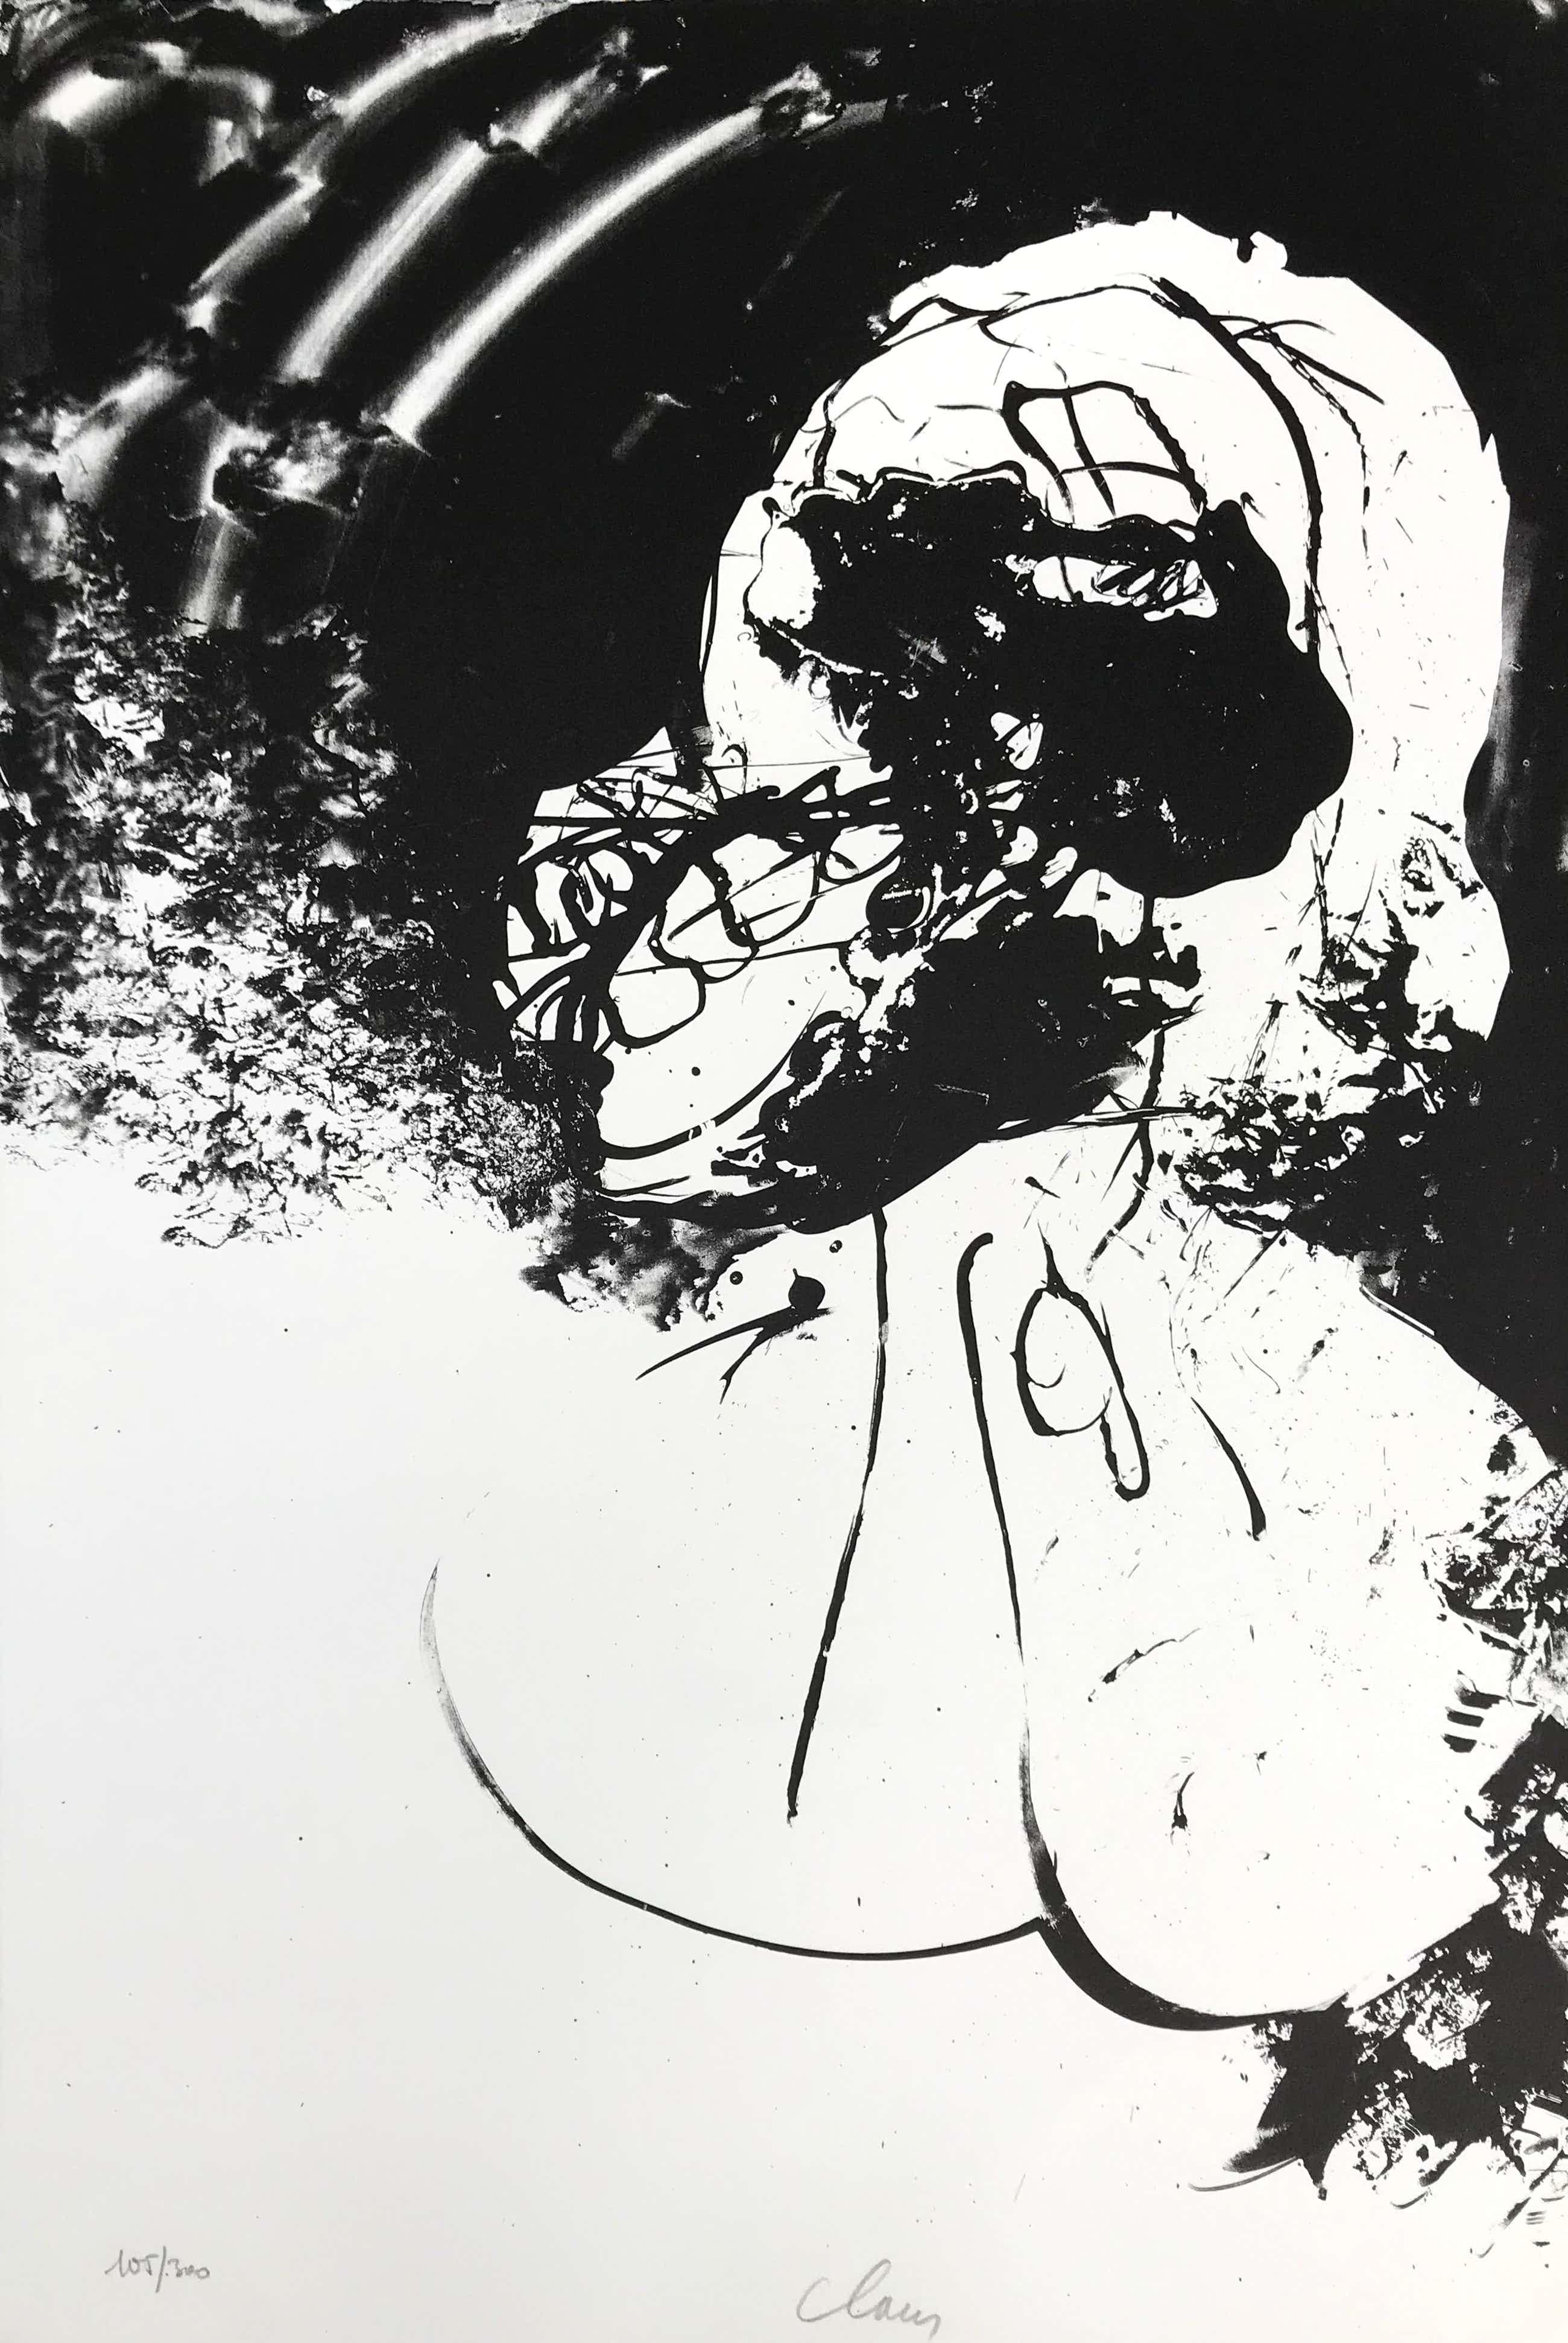 Hugo Claus - Kleurenlitho - Winter 1 - 1979 - 105/300 + gesigneerde colofon kopen? Bied vanaf 85!